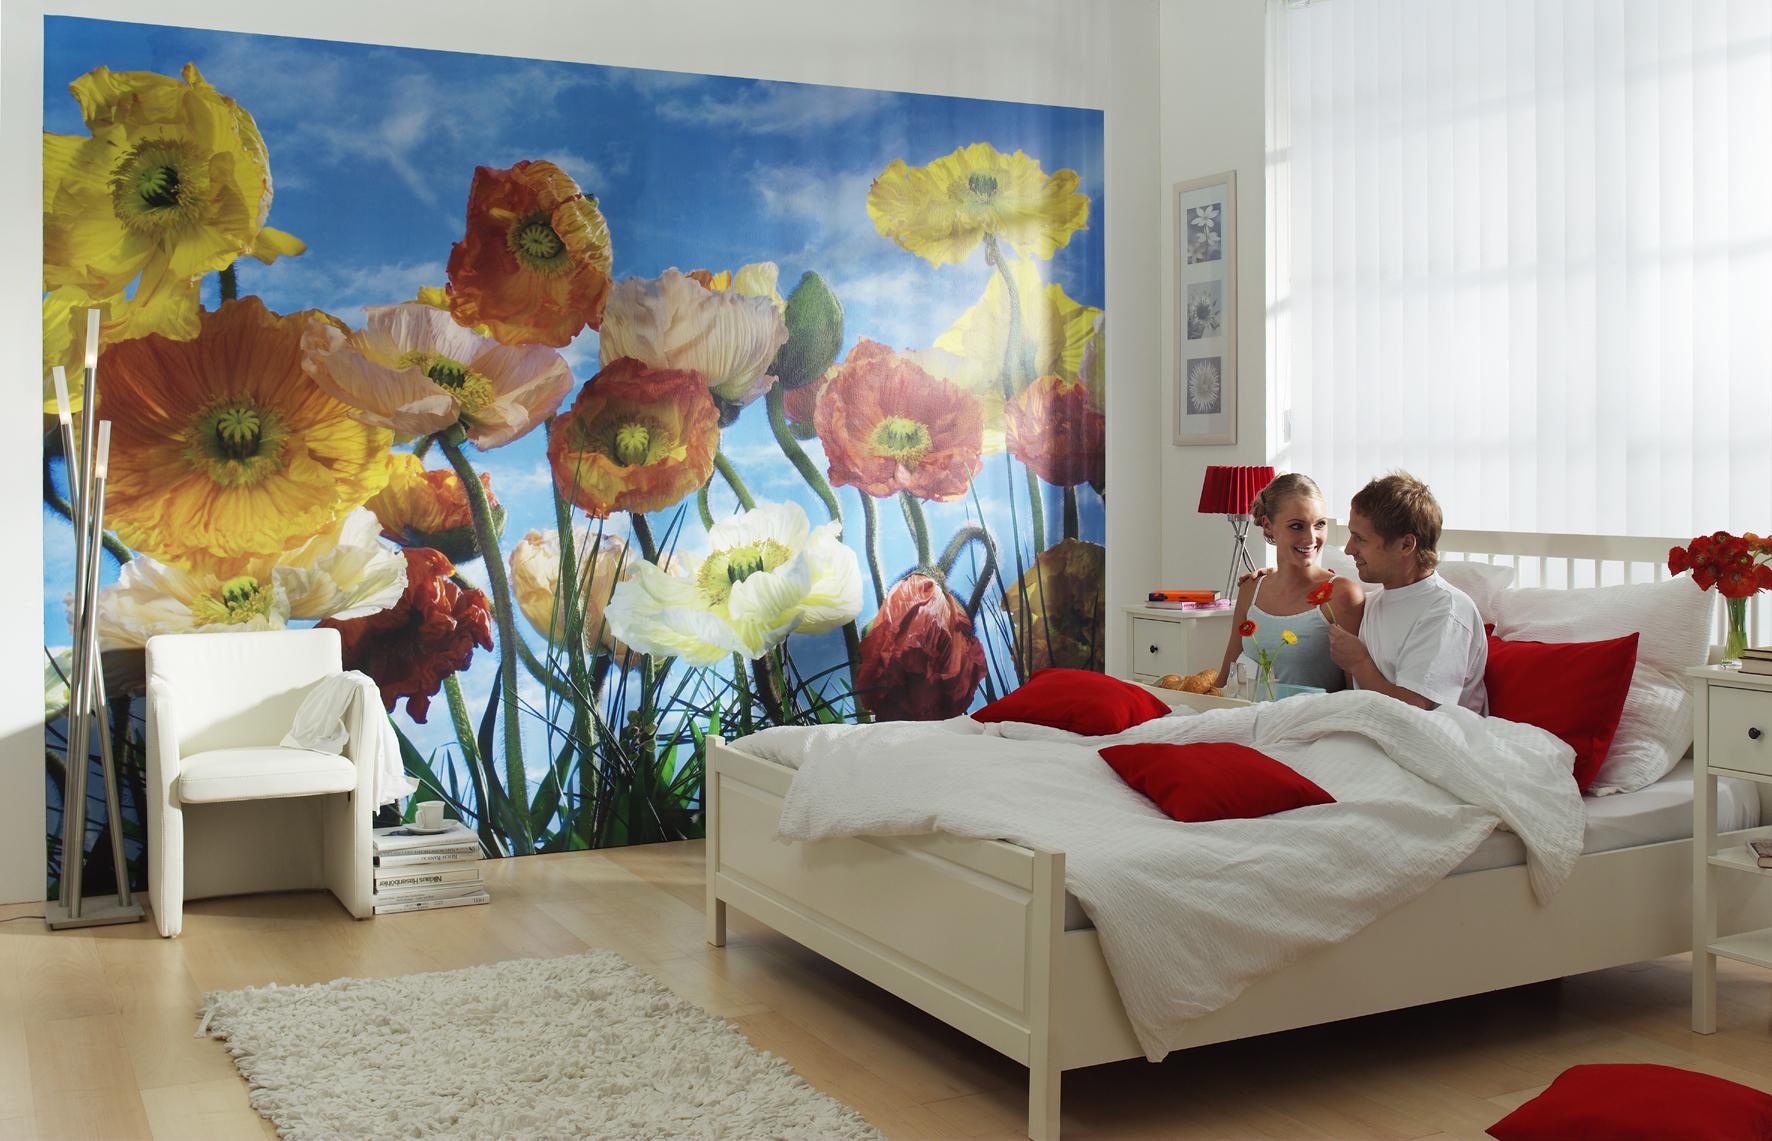 Behang Voor Slaapkamer : Een nieuw uiterlijk voor de slaapkamer behang ideëen tips en